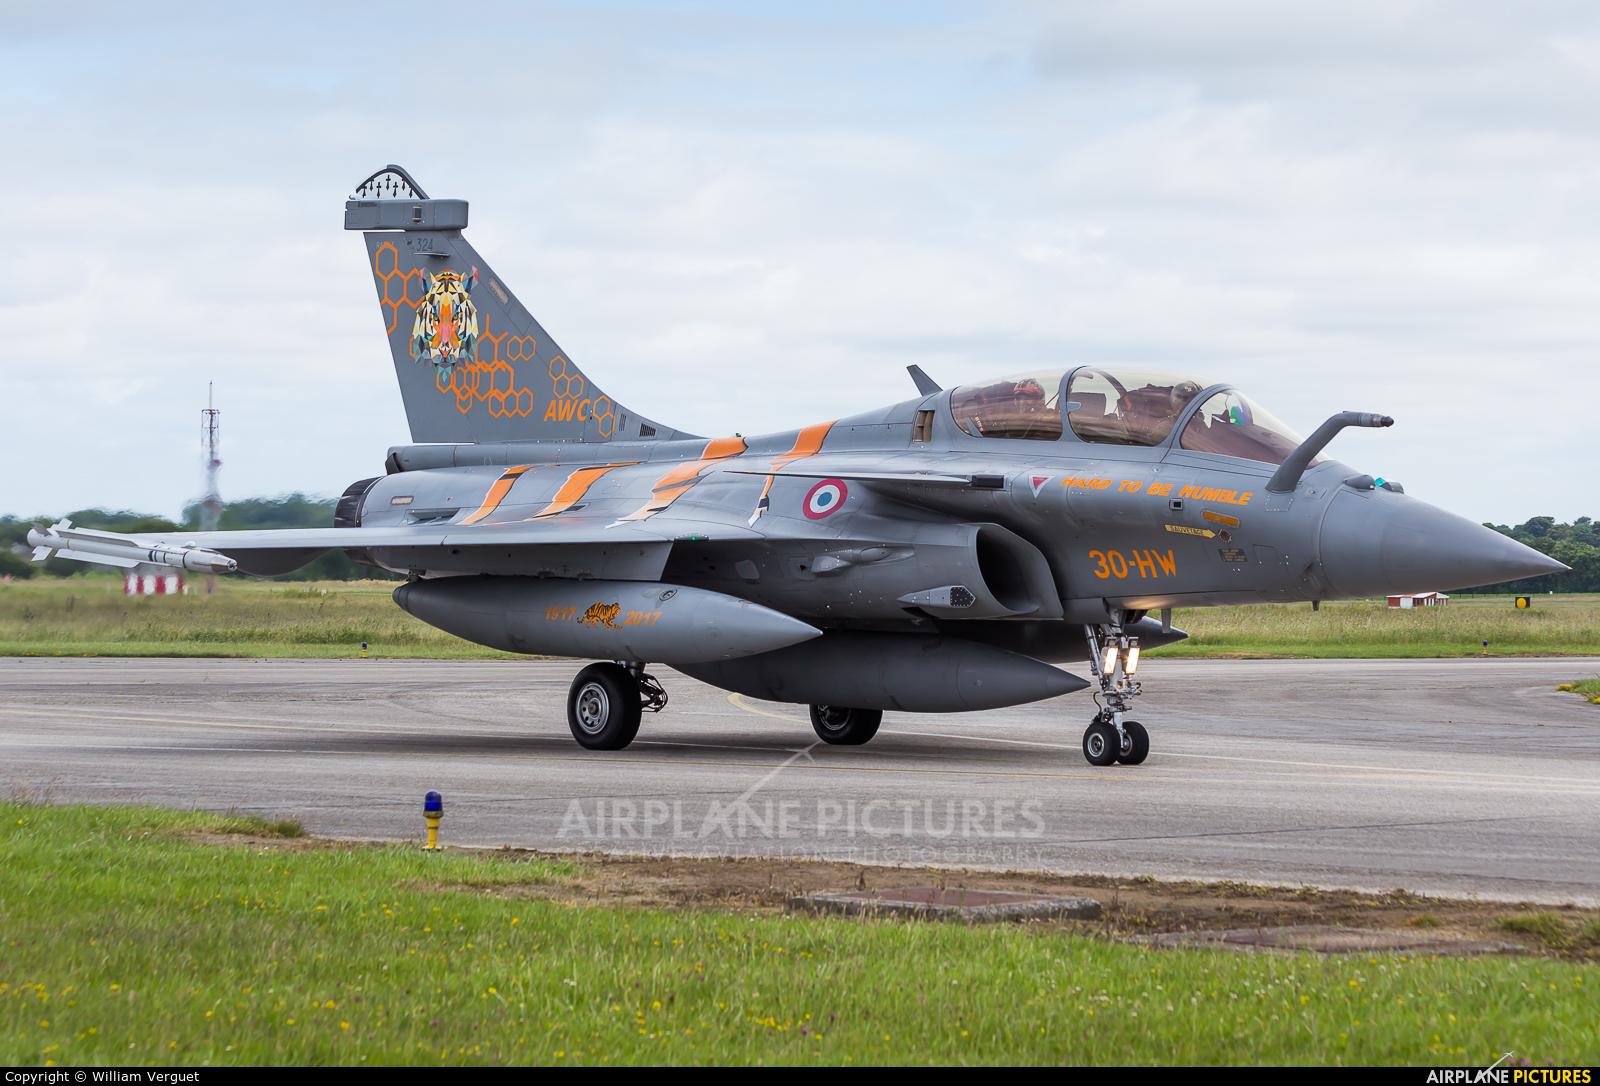 France - Air Force 324 aircraft at Landivisiau